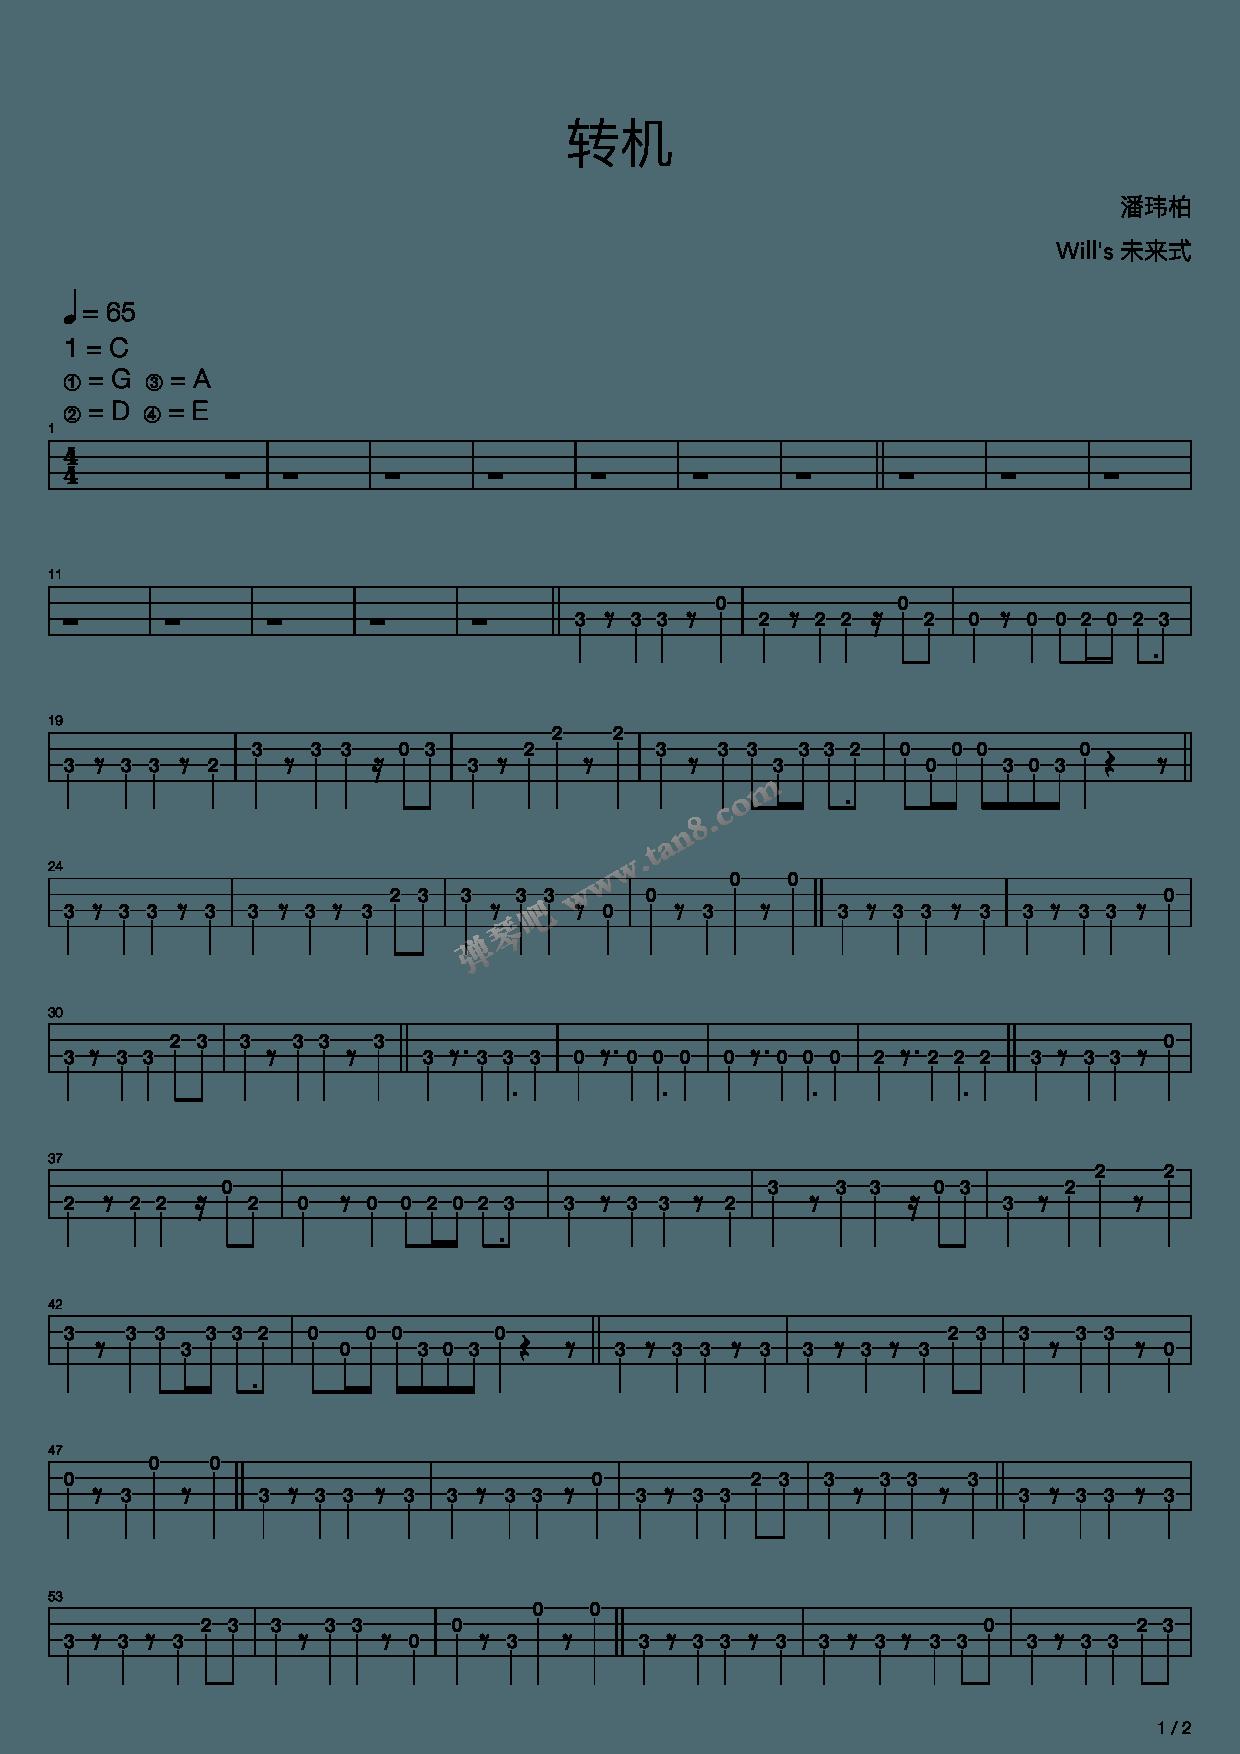 国语转机-潘玮柏(MP3歌词/LRC歌词) lrc歌词下载 第1张